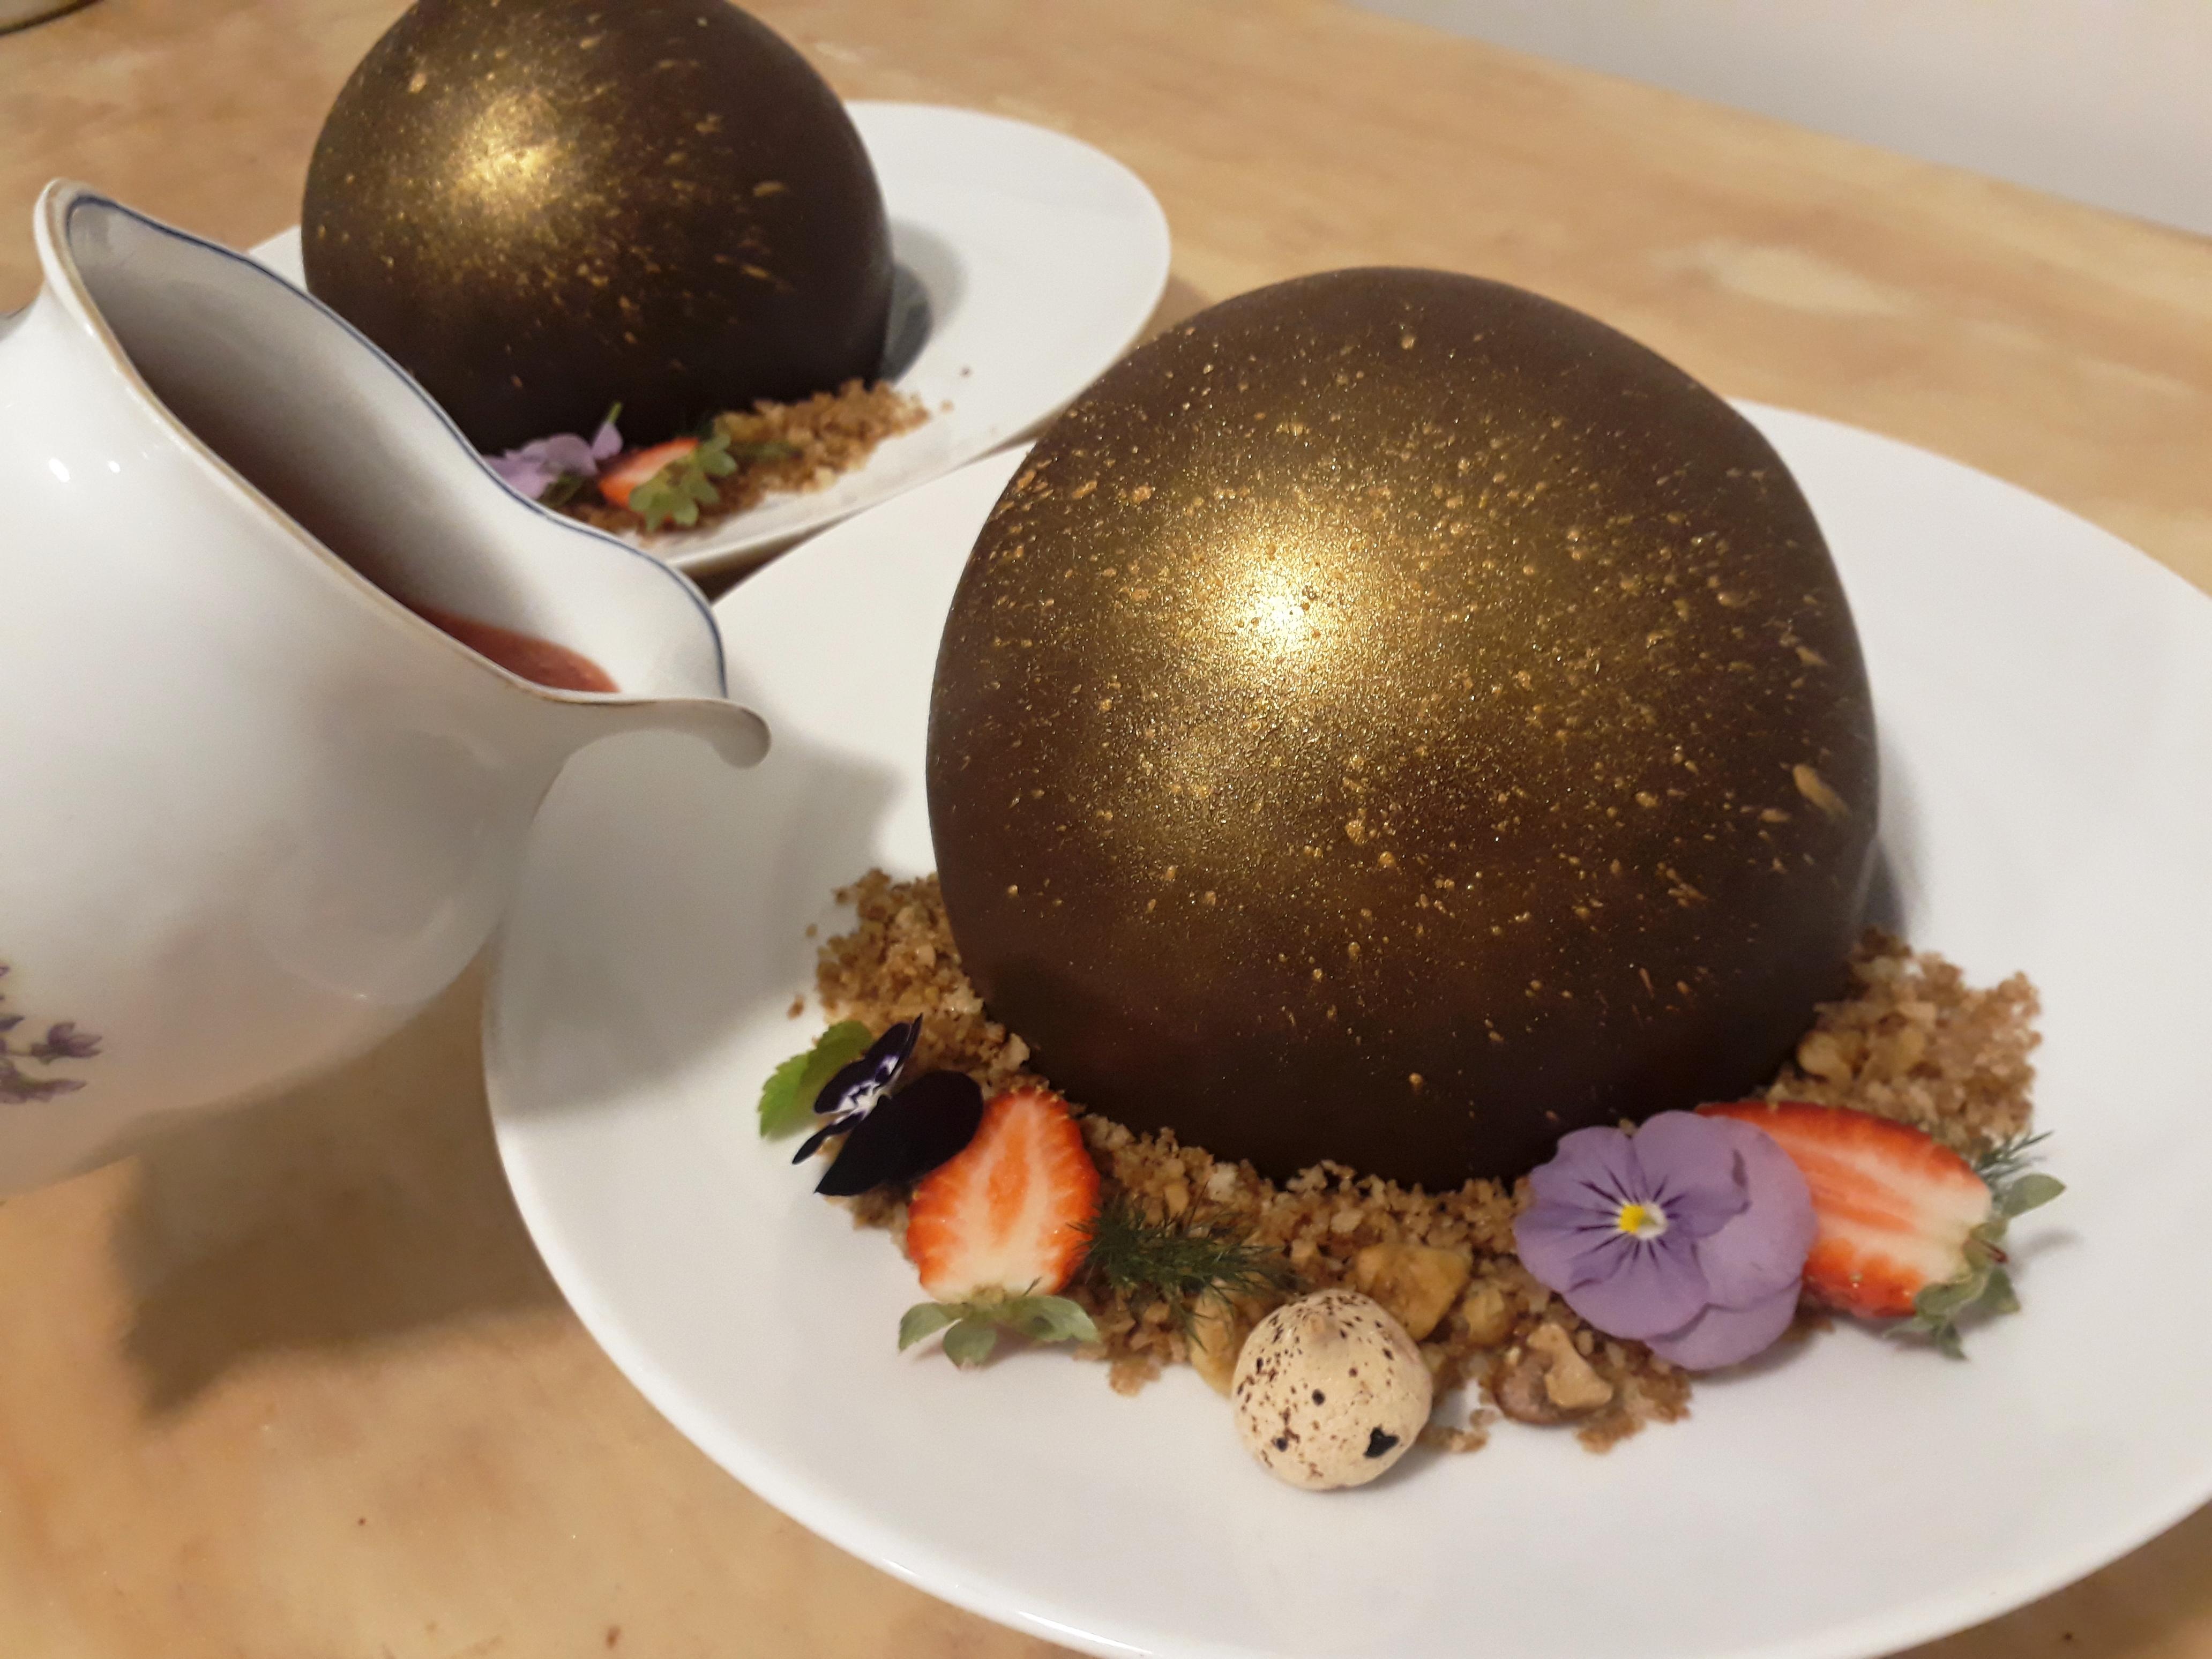 Esfera de chocolate surpresa com crumble de mel e especiarias e coulis de frutas vermelhas